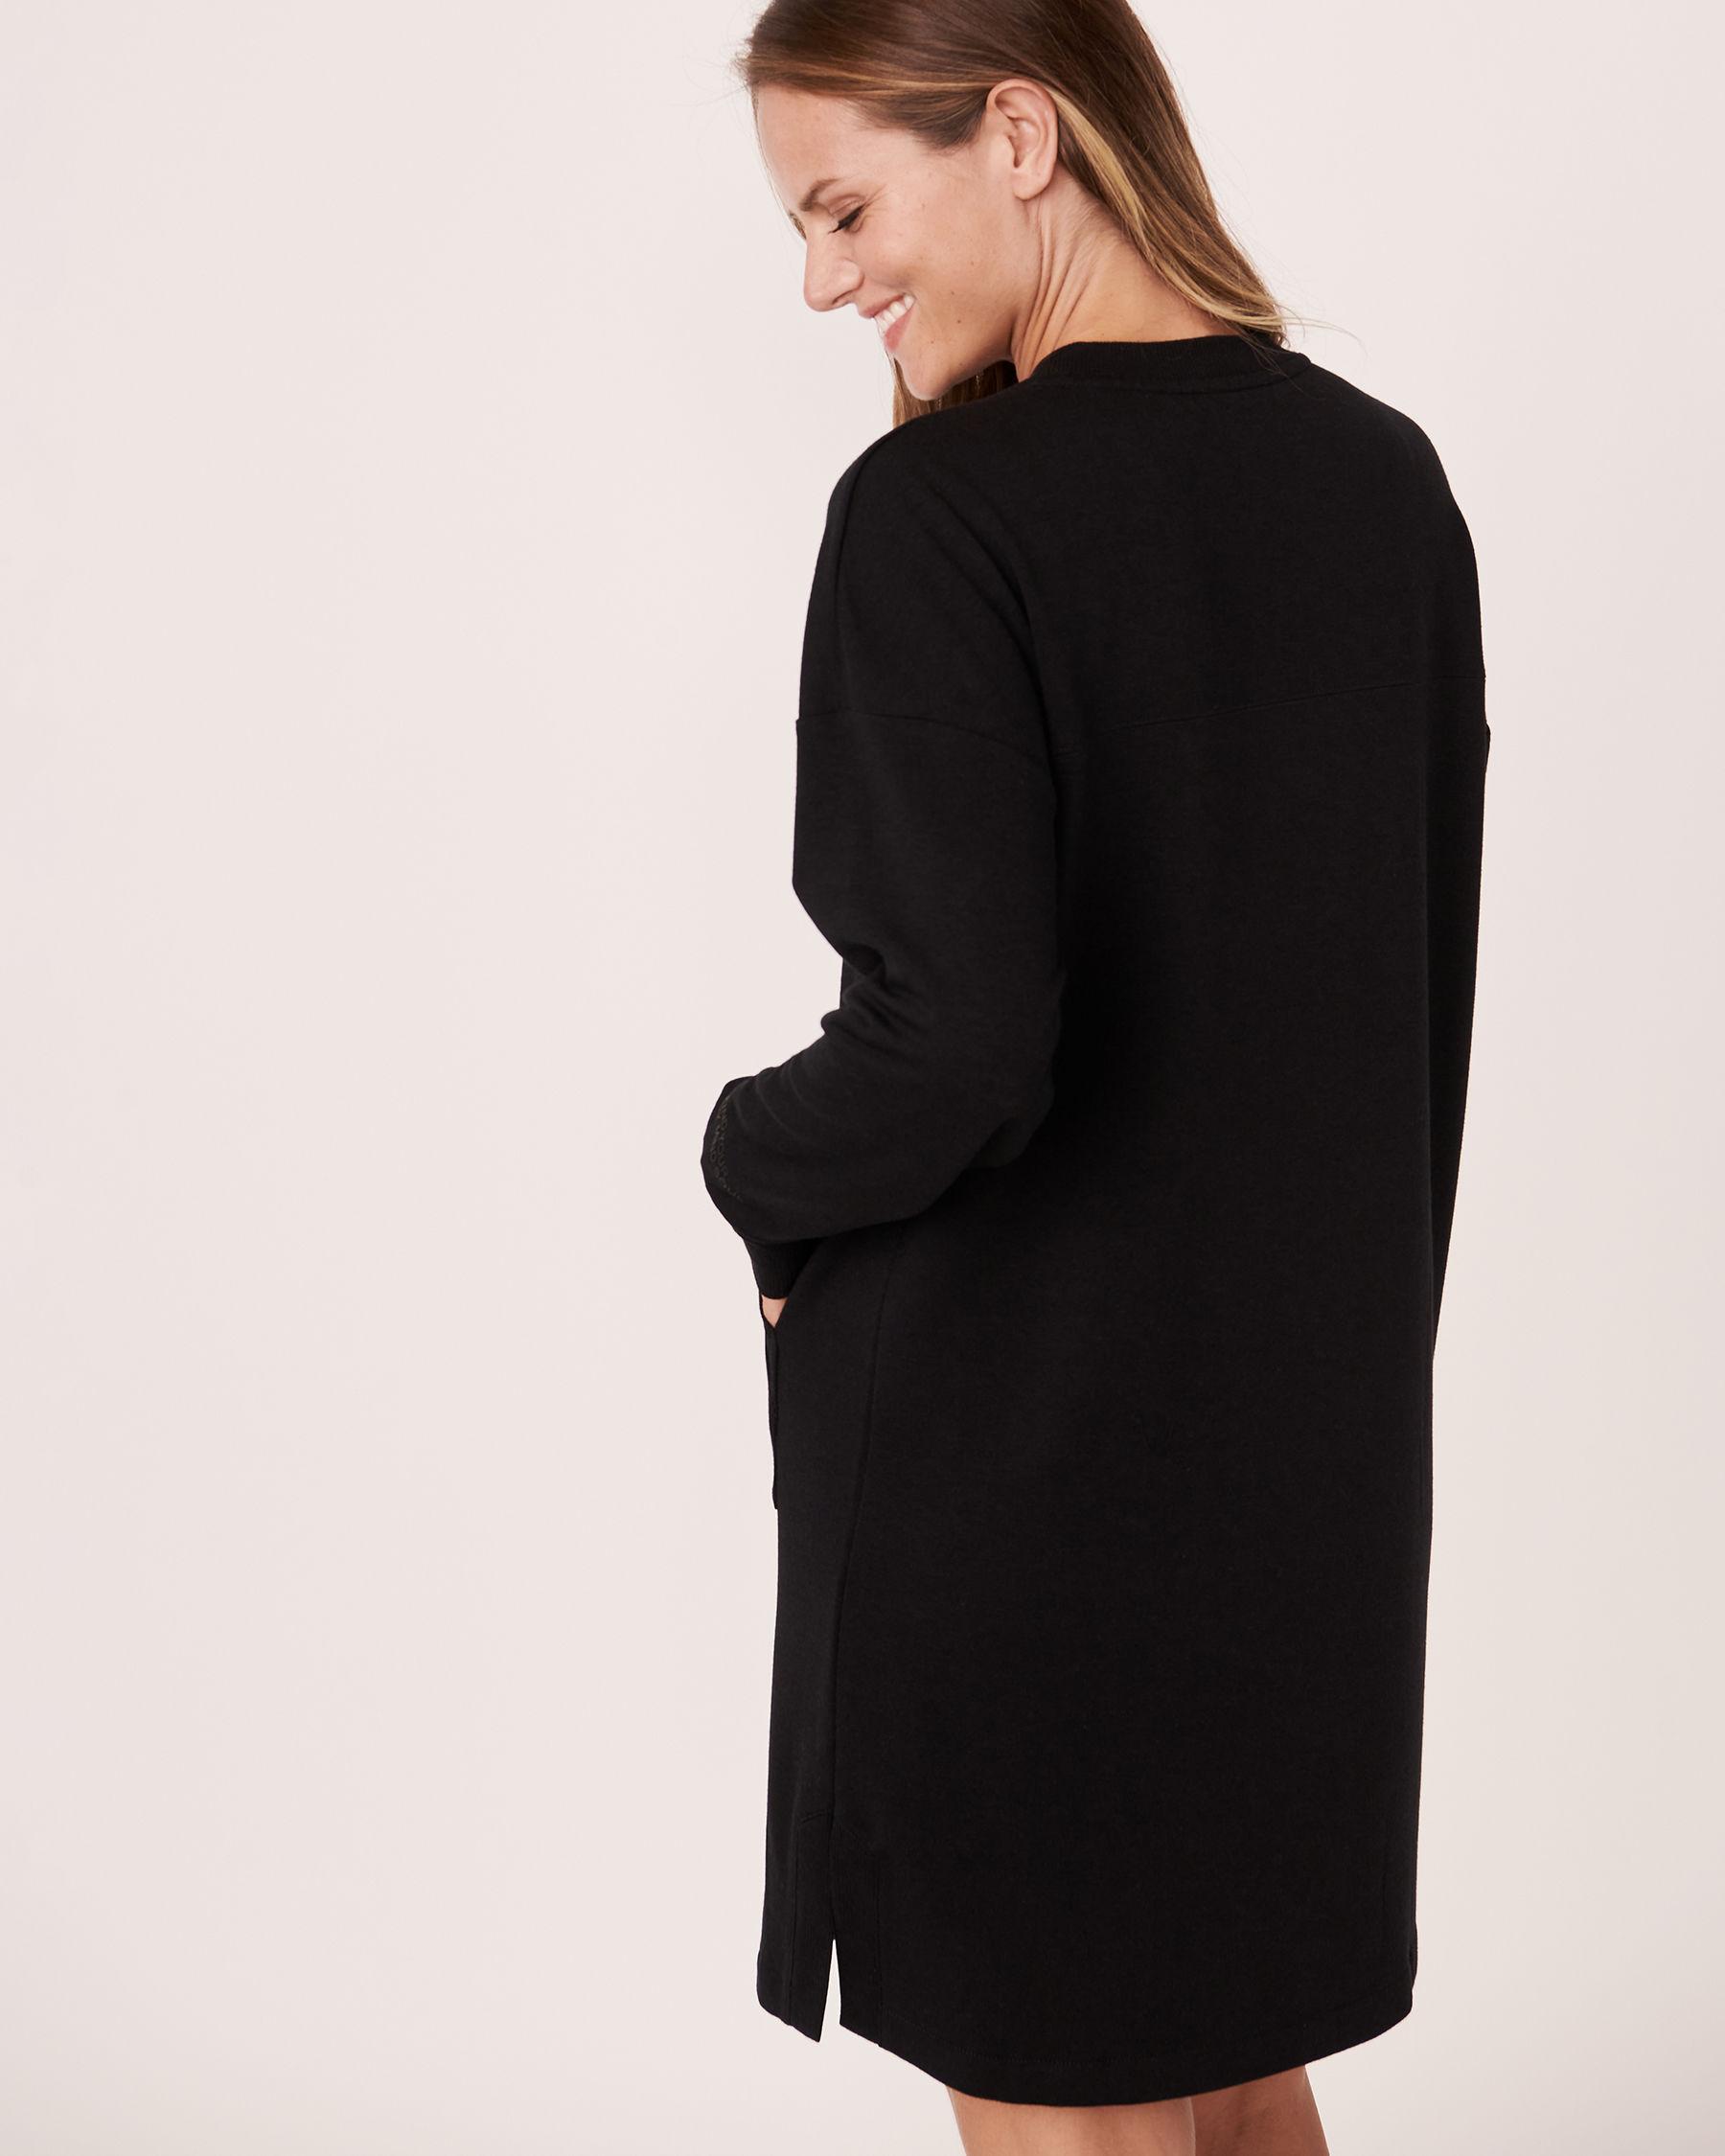 LA VIE EN ROSE Robe manches tombantes Noir 50400010 - Voir2